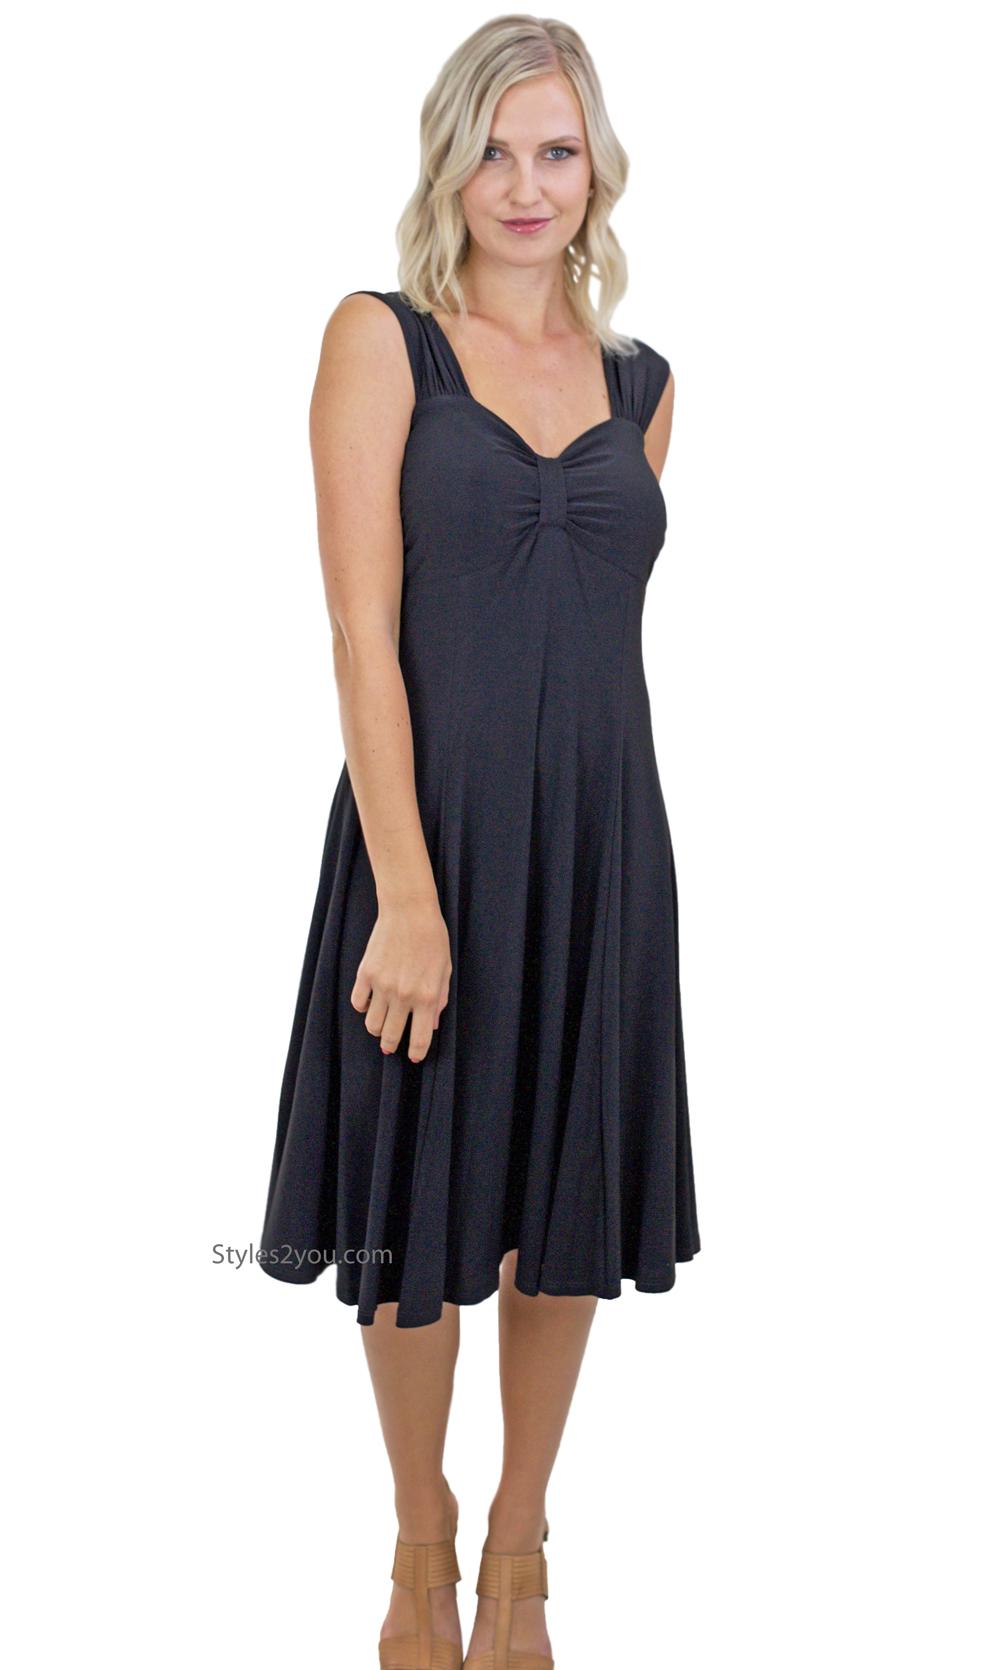 Victoria Ladies All Occasion Dress Black Pretty Woman